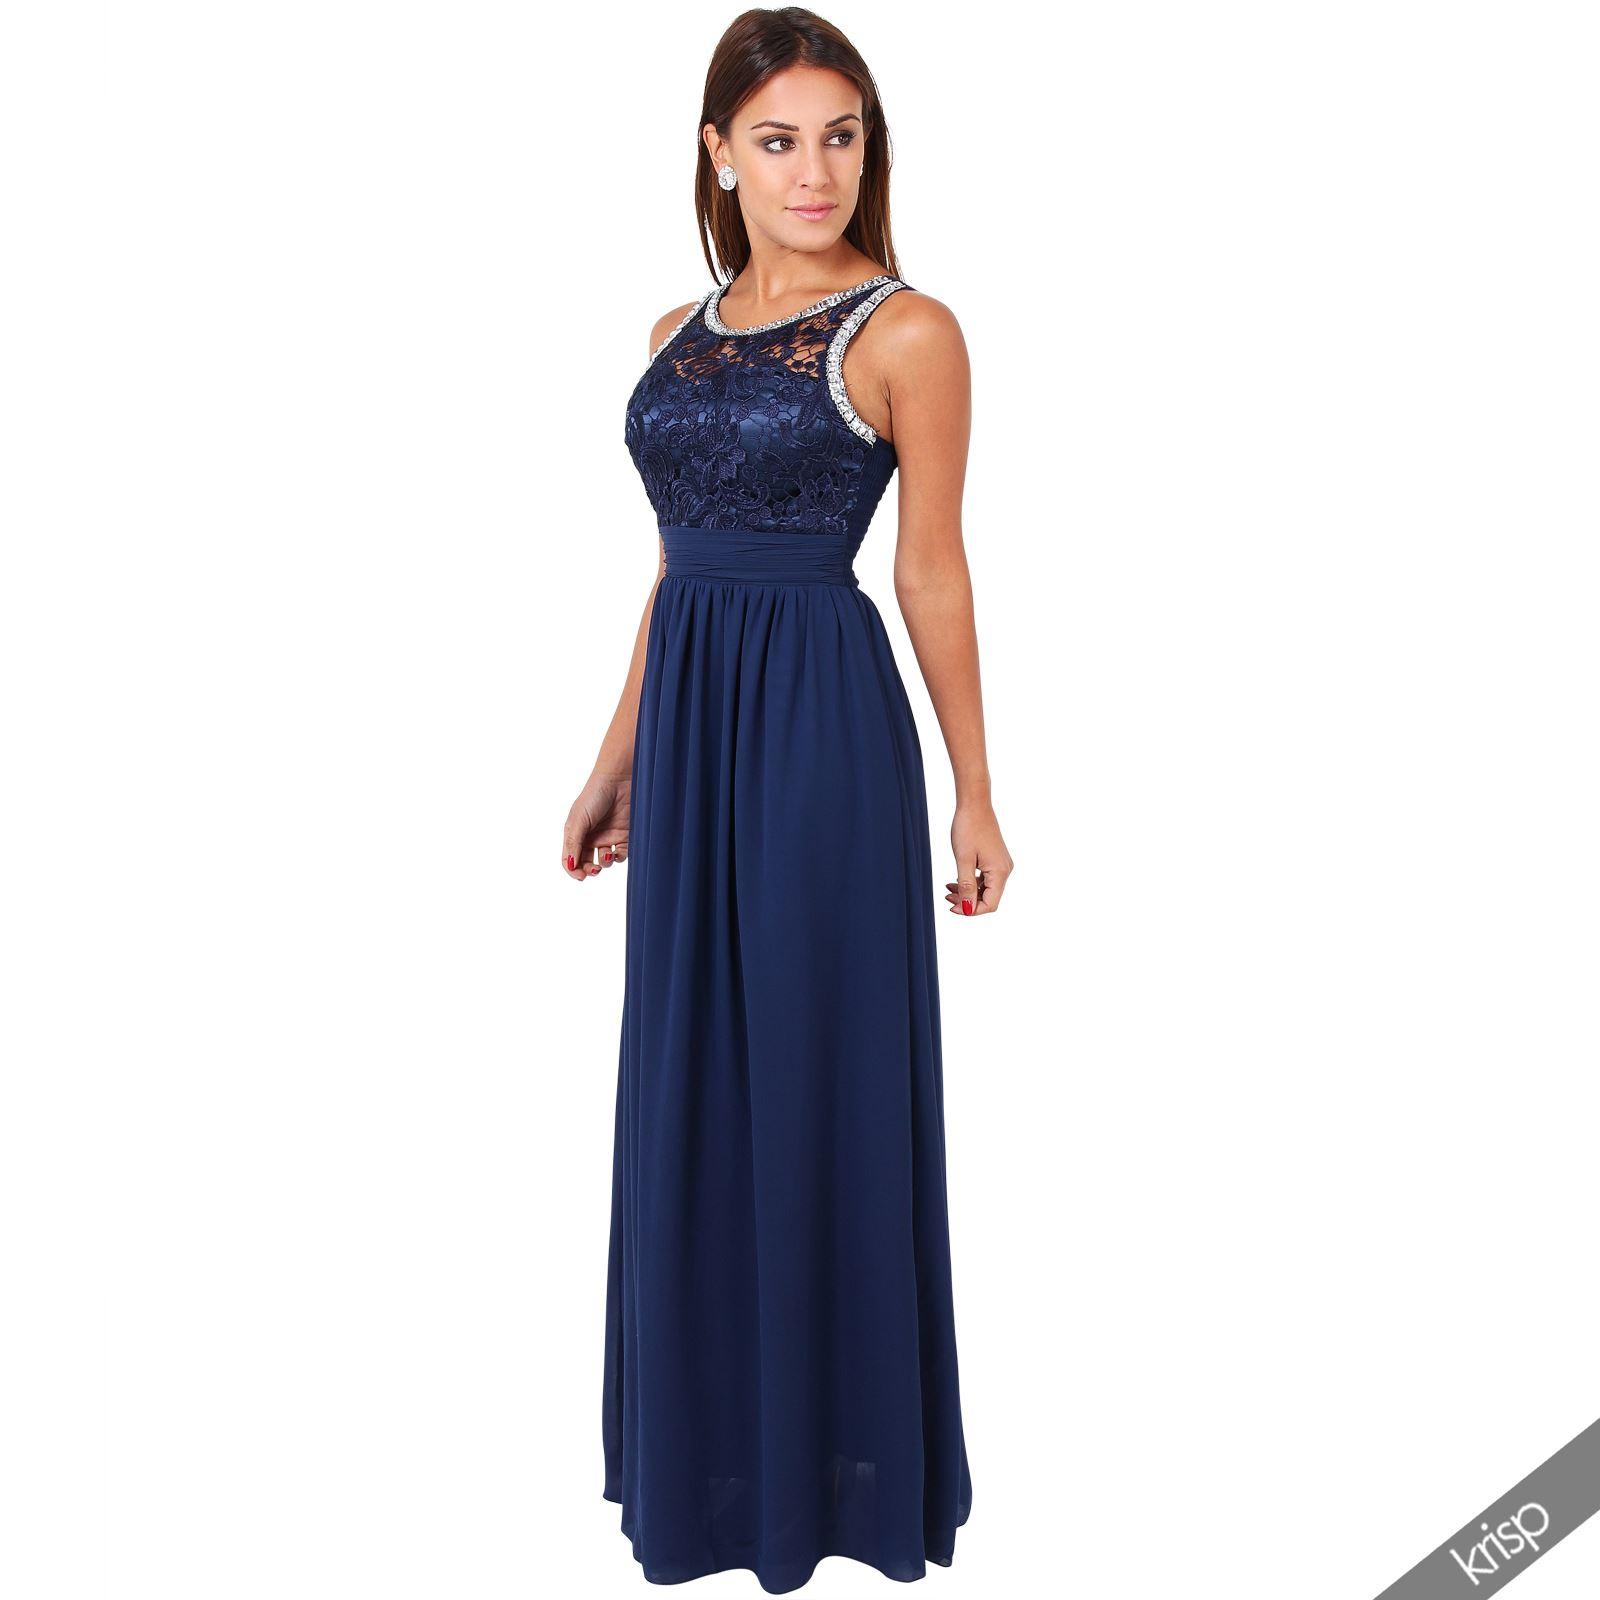 Wunderbar Prom Kleider Zum Verkauf Auf Ebay Bilder - Brautkleider ...